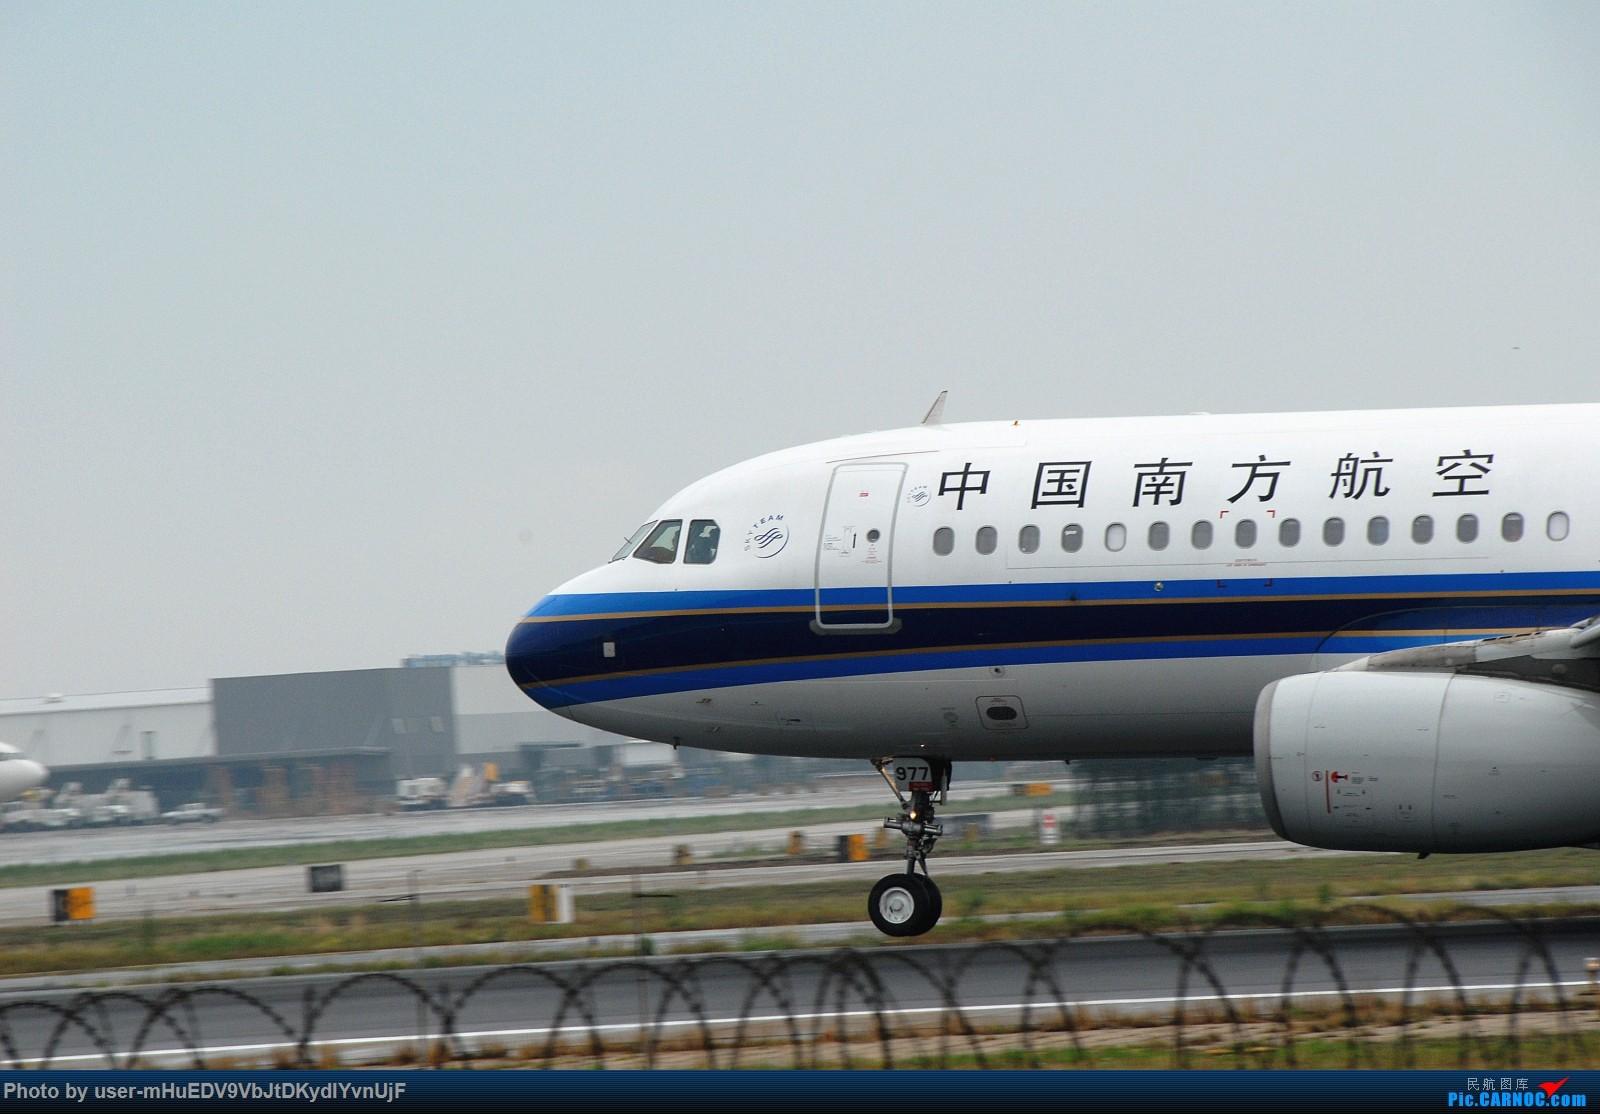 Re:[原创]萌新第一次pek拍机大佬们多多指教〉〉〉 AIRBUS A320-200 B-6977 中国北京首都国际机场